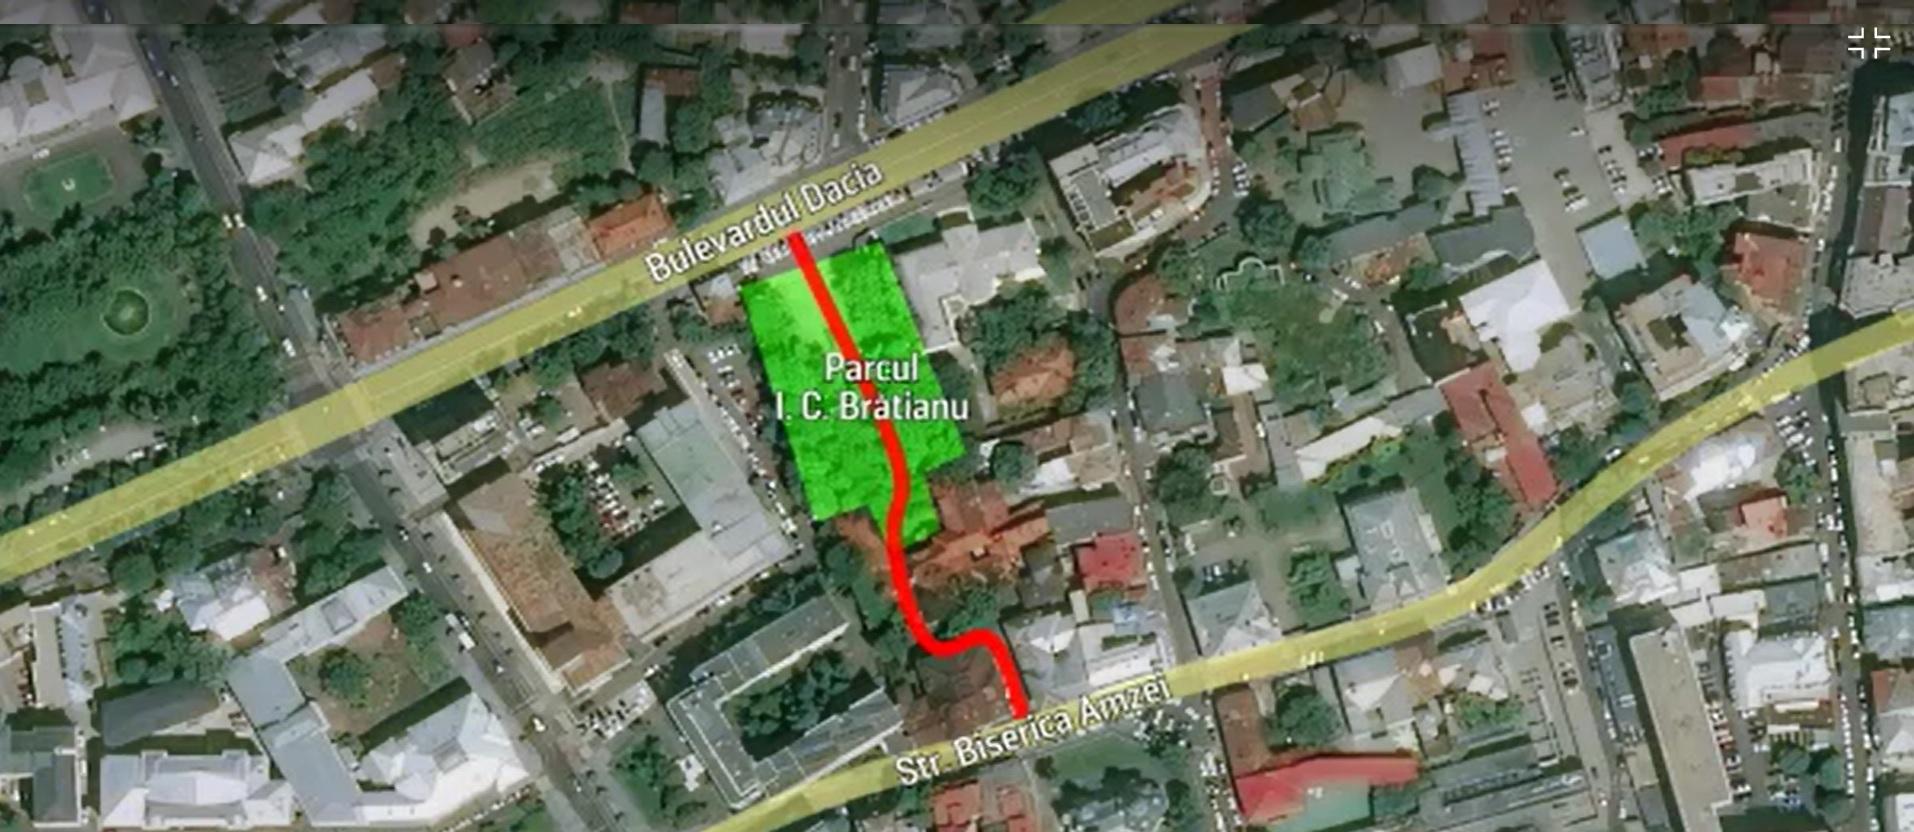 Bucureștiul are un nou traseu pietonal. Parcul și casa I.C. Brătianu, redeschise pentru ochii curioșilor